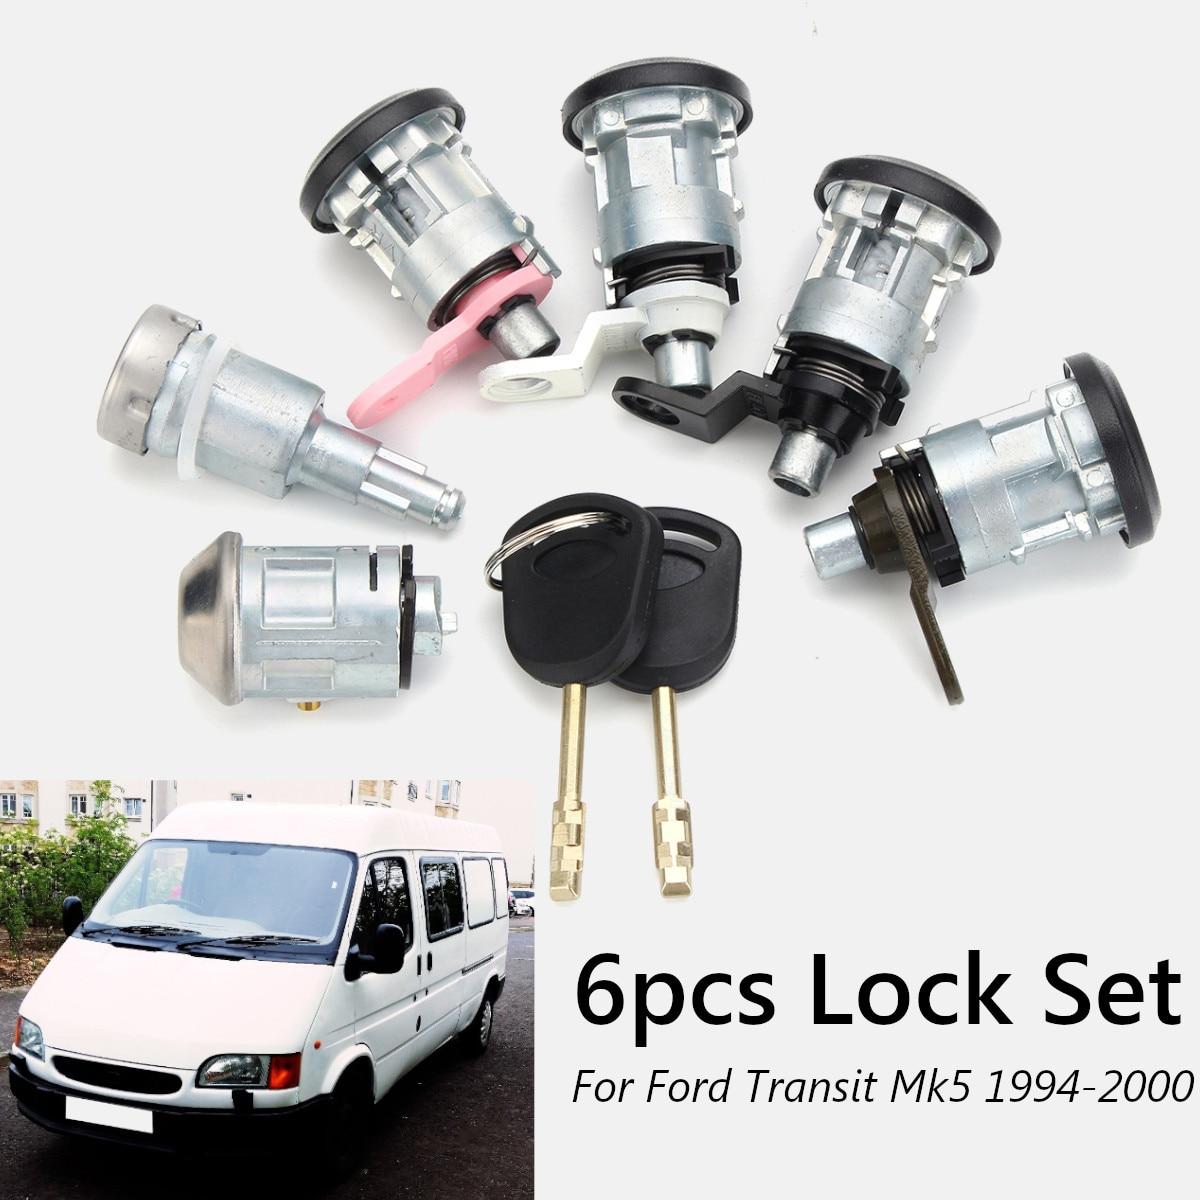 6 adet tam sol sağ kilit seti ön arka kapı kontak w/2 tuşları Ford Transit için Mk5 1994 -2000